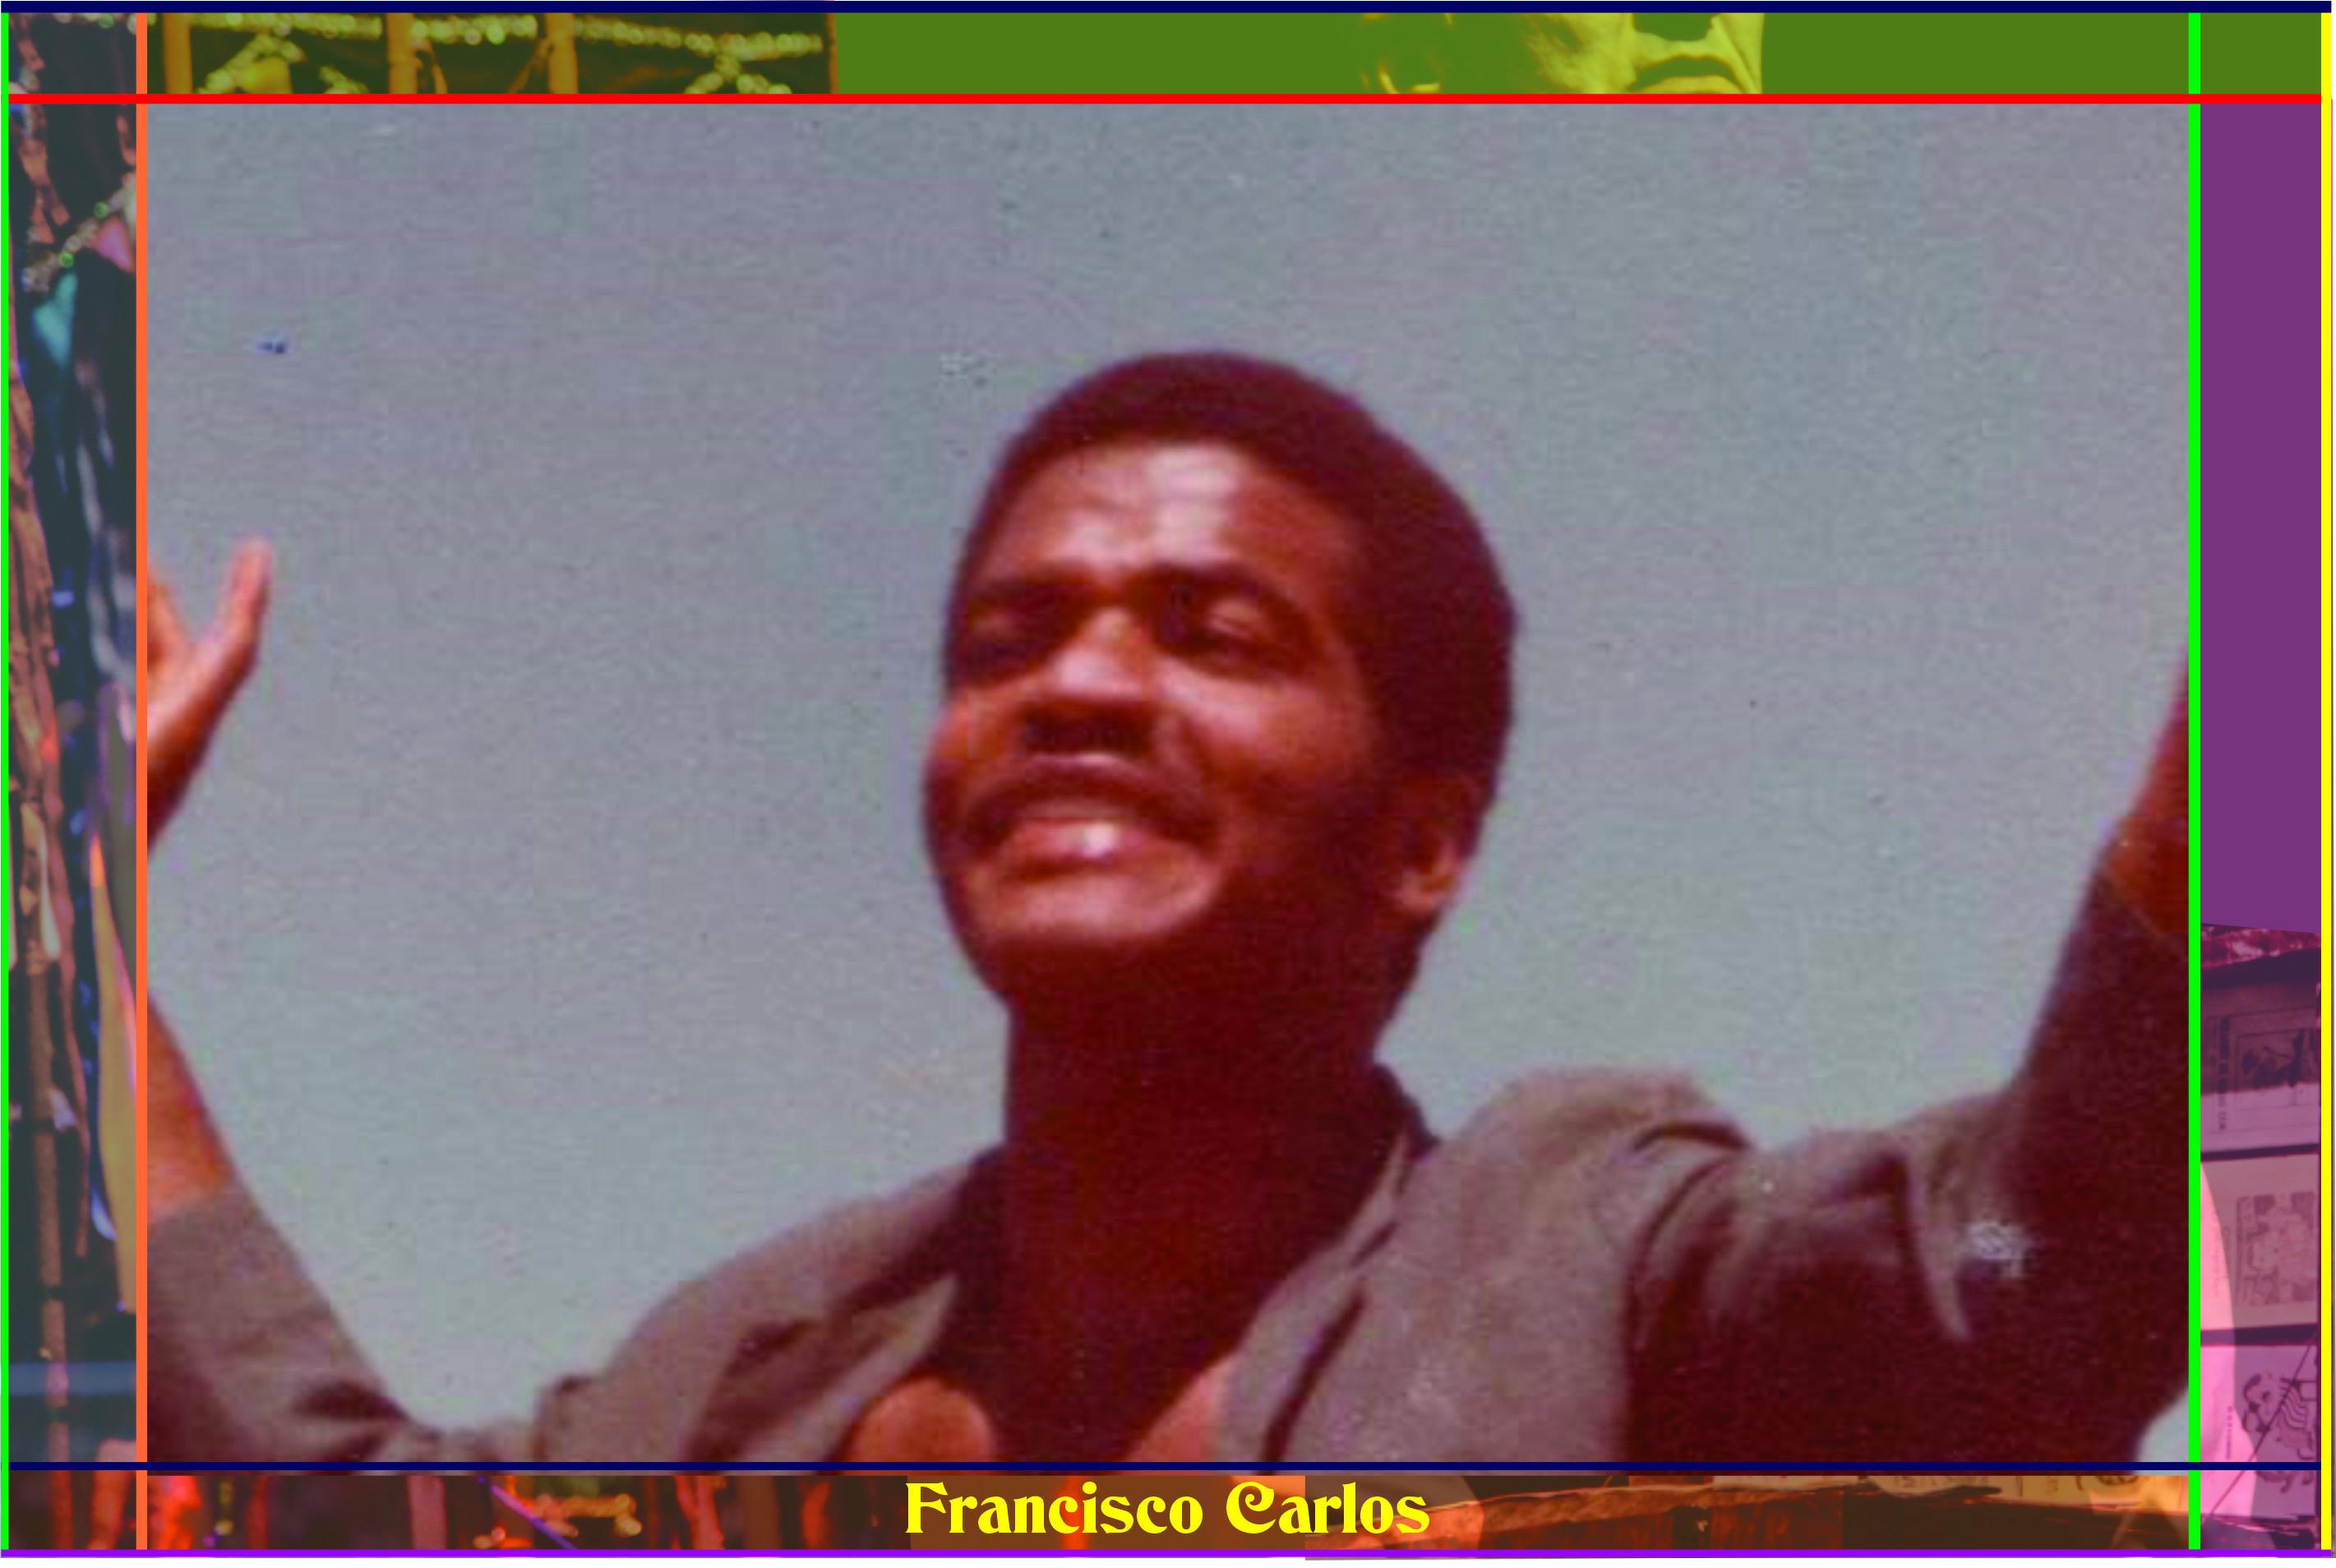 Francisco Carlos